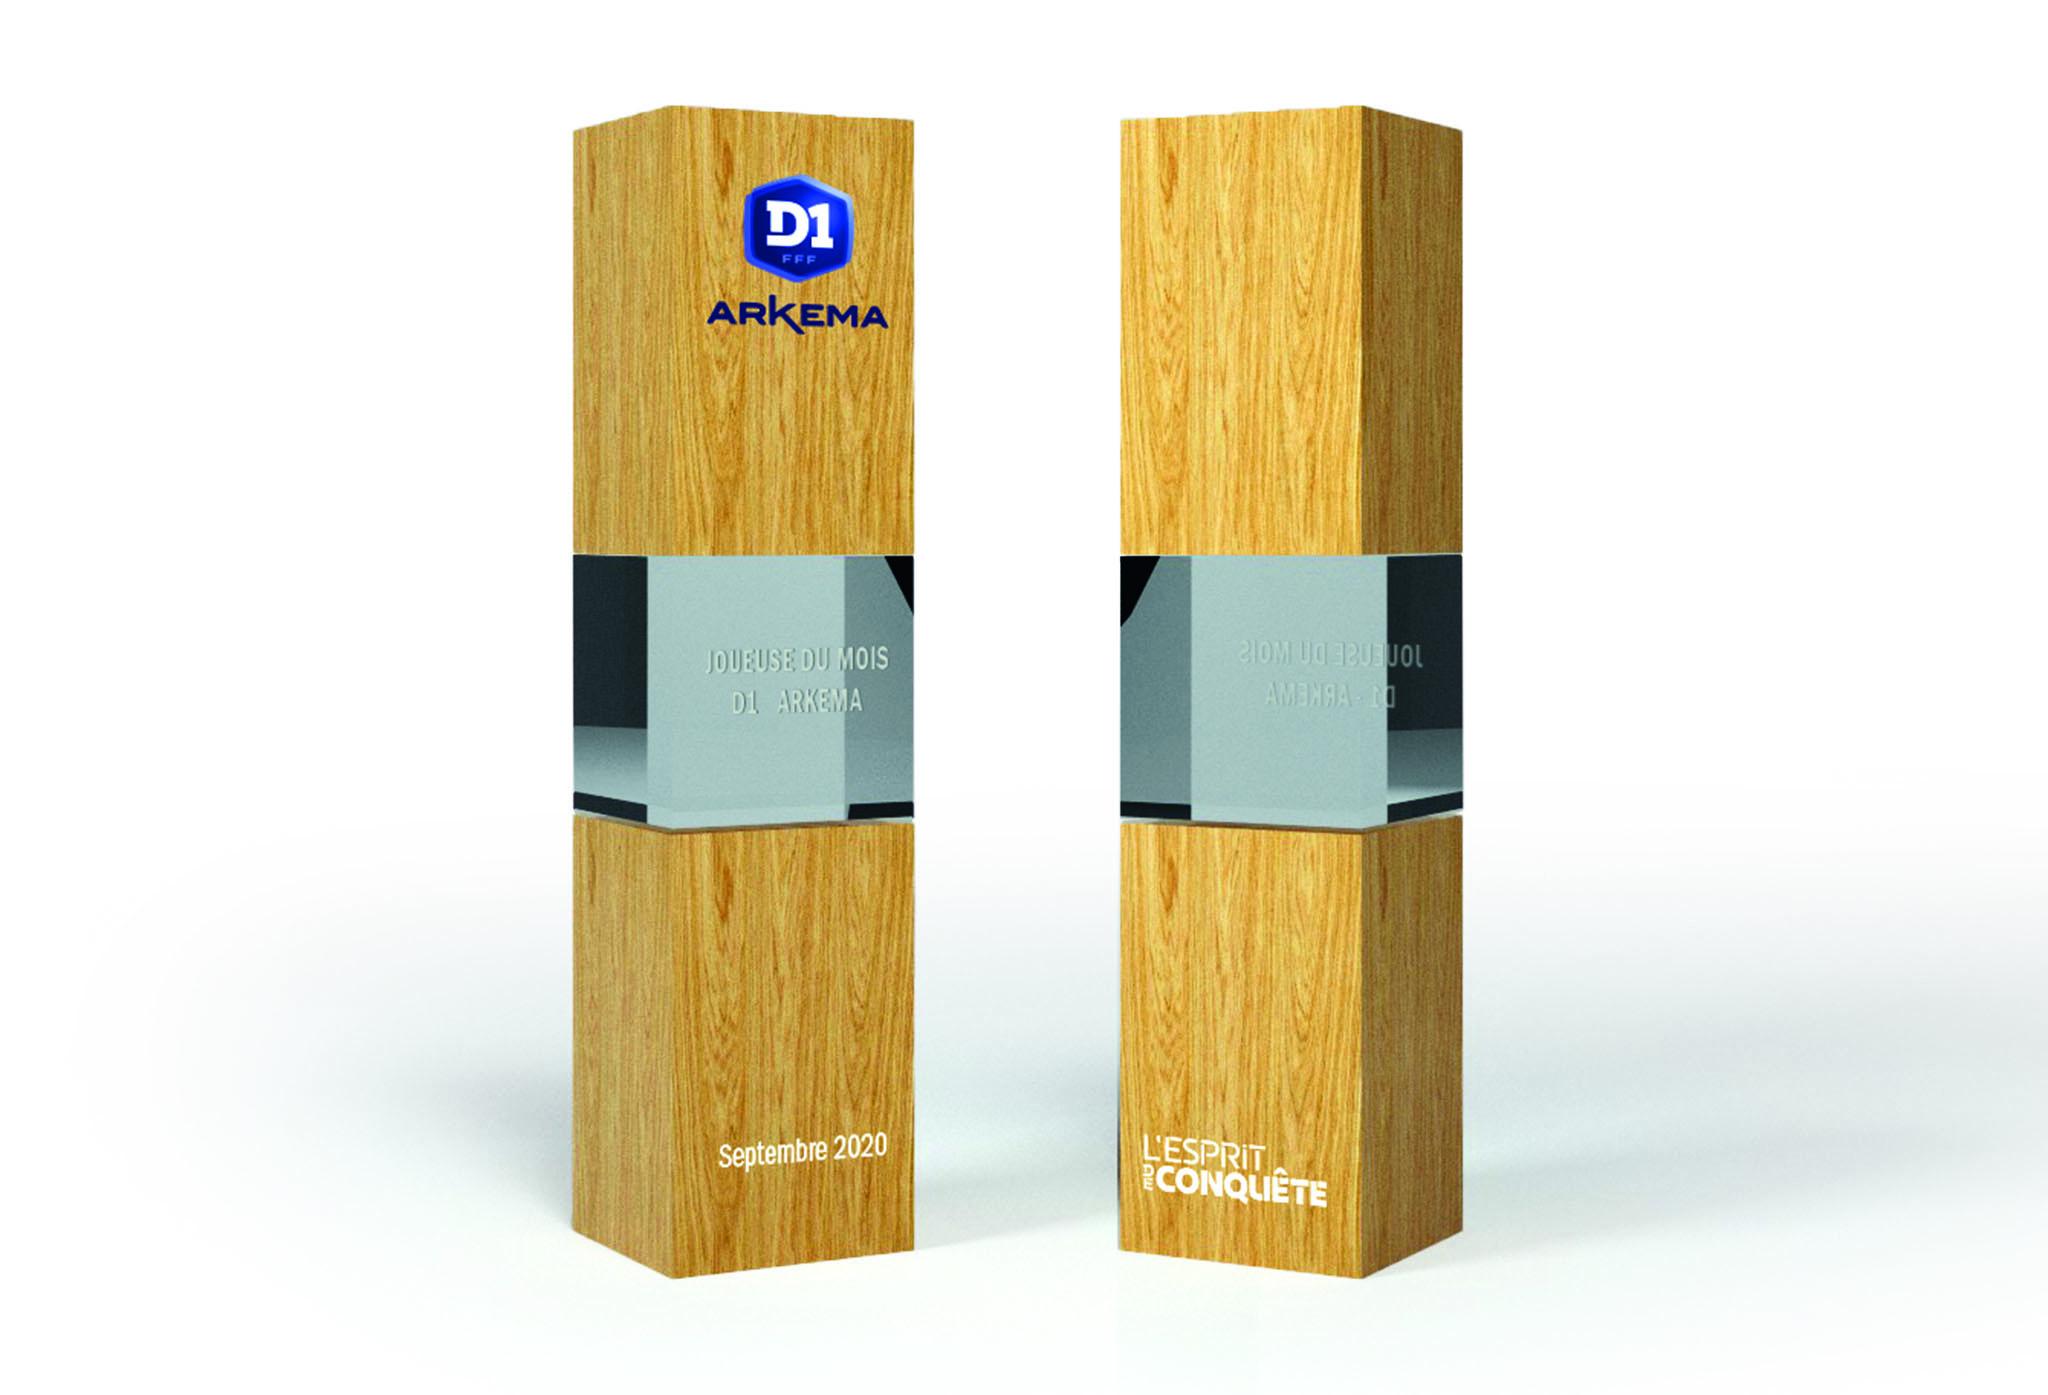 #D1Arkema - Nouveauté : le trophée de la meilleure joueuse du mois